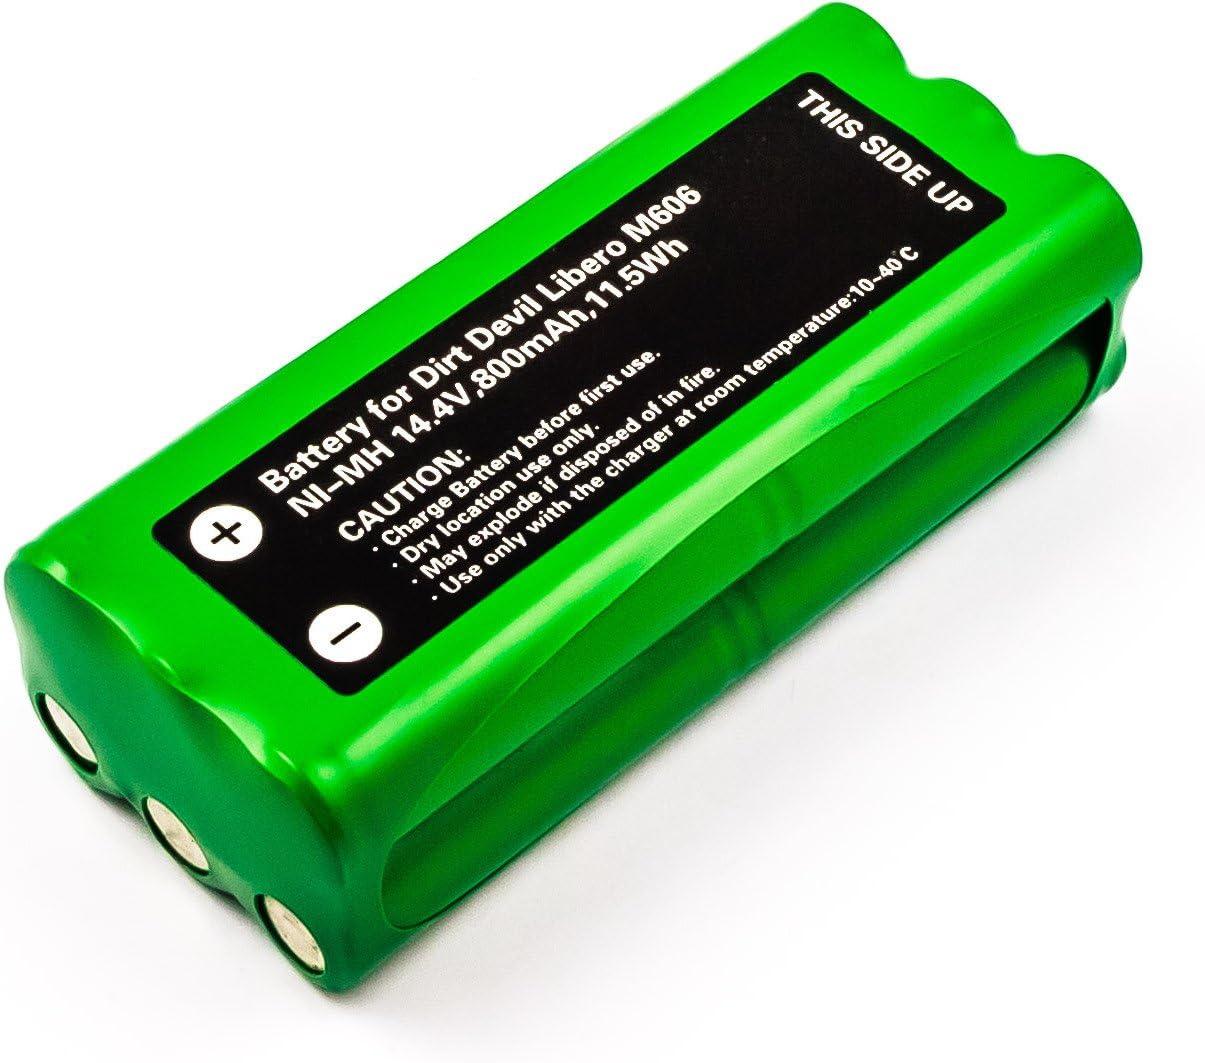 MicroBattery MBVC0001 accesorio y suministro de vacío Robot vacuum Batería - Accesorio para aspiradora (Robot vacuum, Batería, Níquel-metal hidruro (NiMH), 800 mAh, 14,4 V, 11,5 Wh): Amazon.es: Hogar